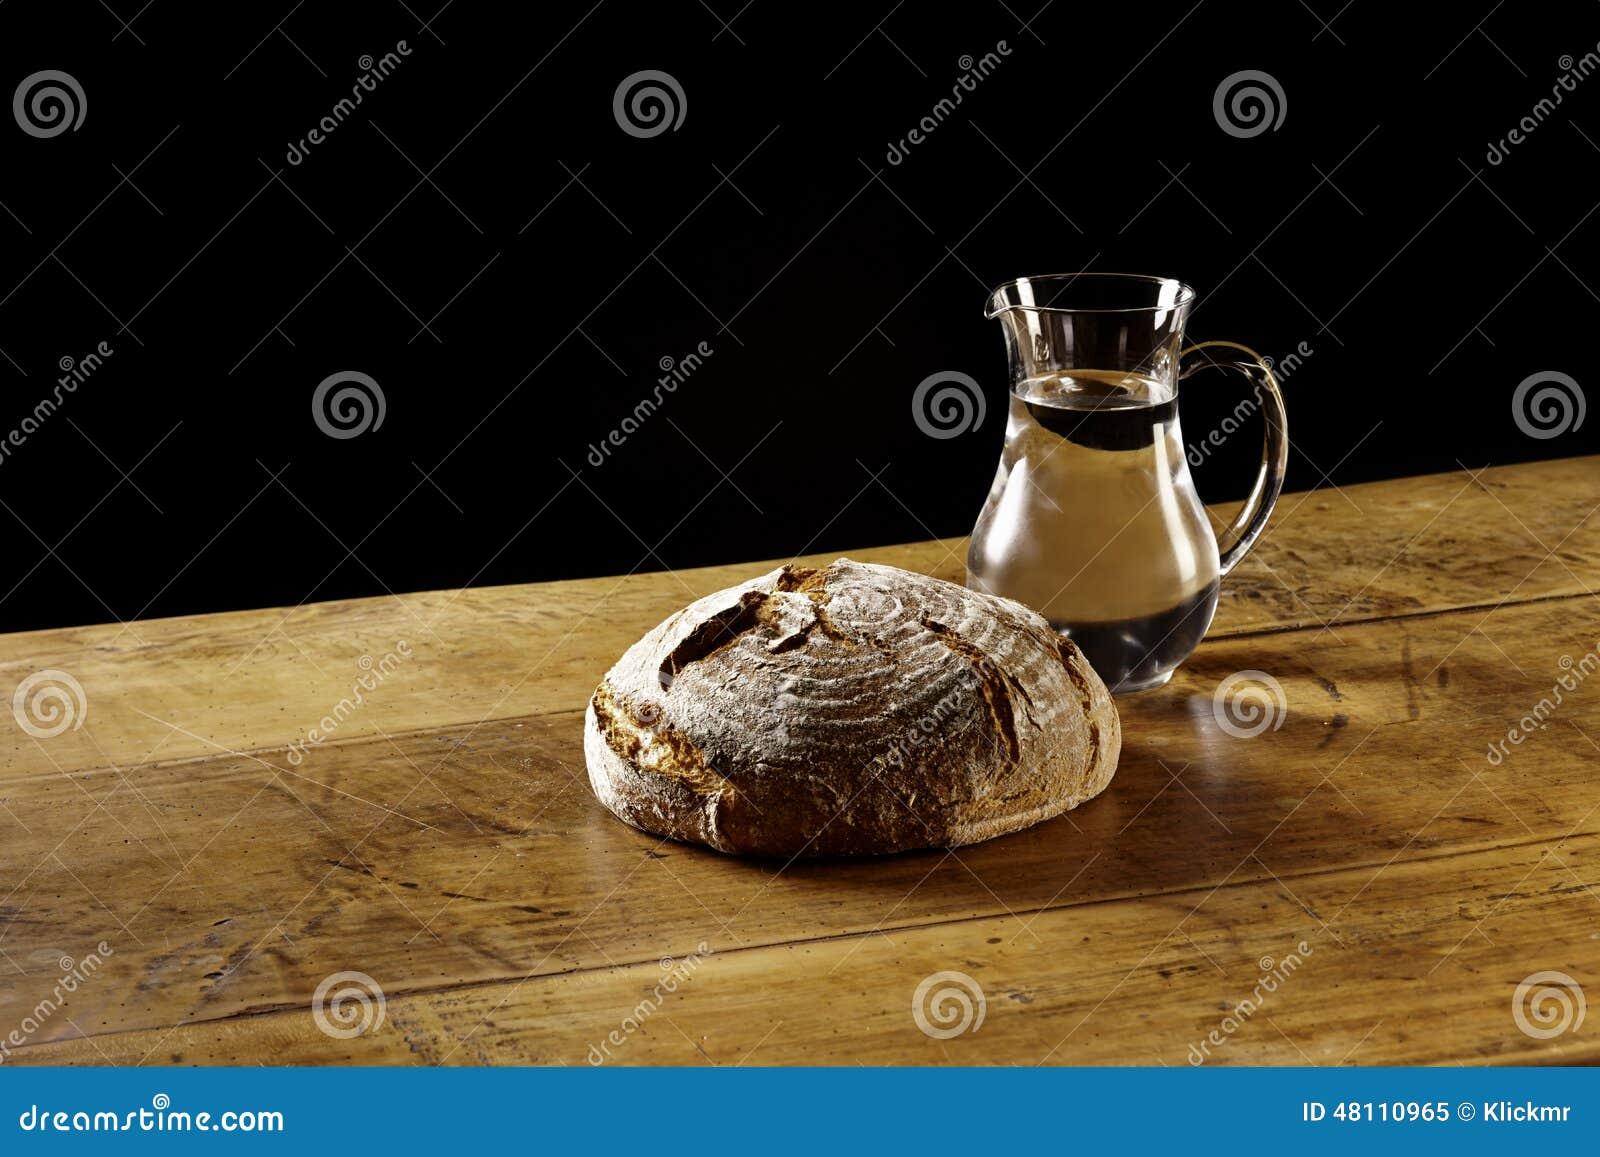 une miche de pain et une cruche de l 39 eau sur la table en bois photo stock image 48110965. Black Bedroom Furniture Sets. Home Design Ideas